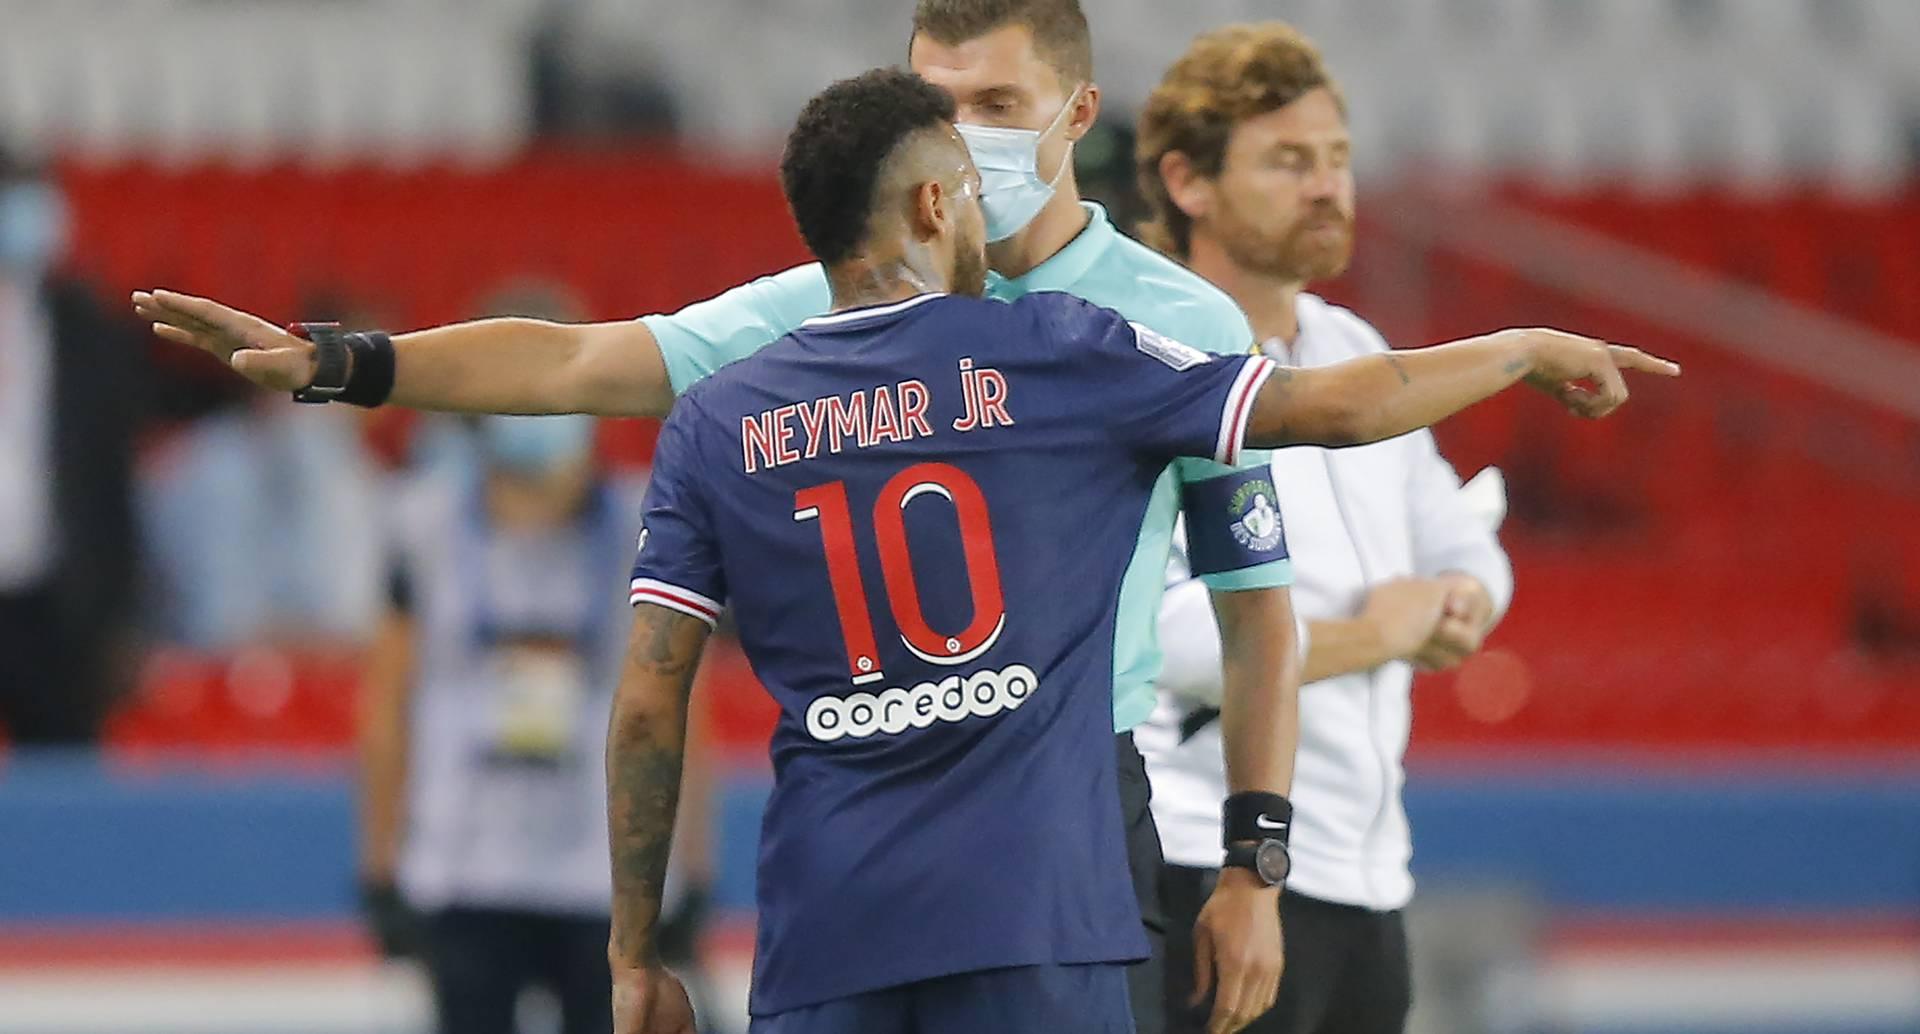 El brasileño Neymar, del PSG, discute con el cuarto árbitro al salir de la cancha tras ser expulsado durante el partido de la liga francesa frente al Marsella, en el Parc des Princes de París, Francia, el domingo 13 de septiembre de 2020. (AP Foto/Michel Euler)